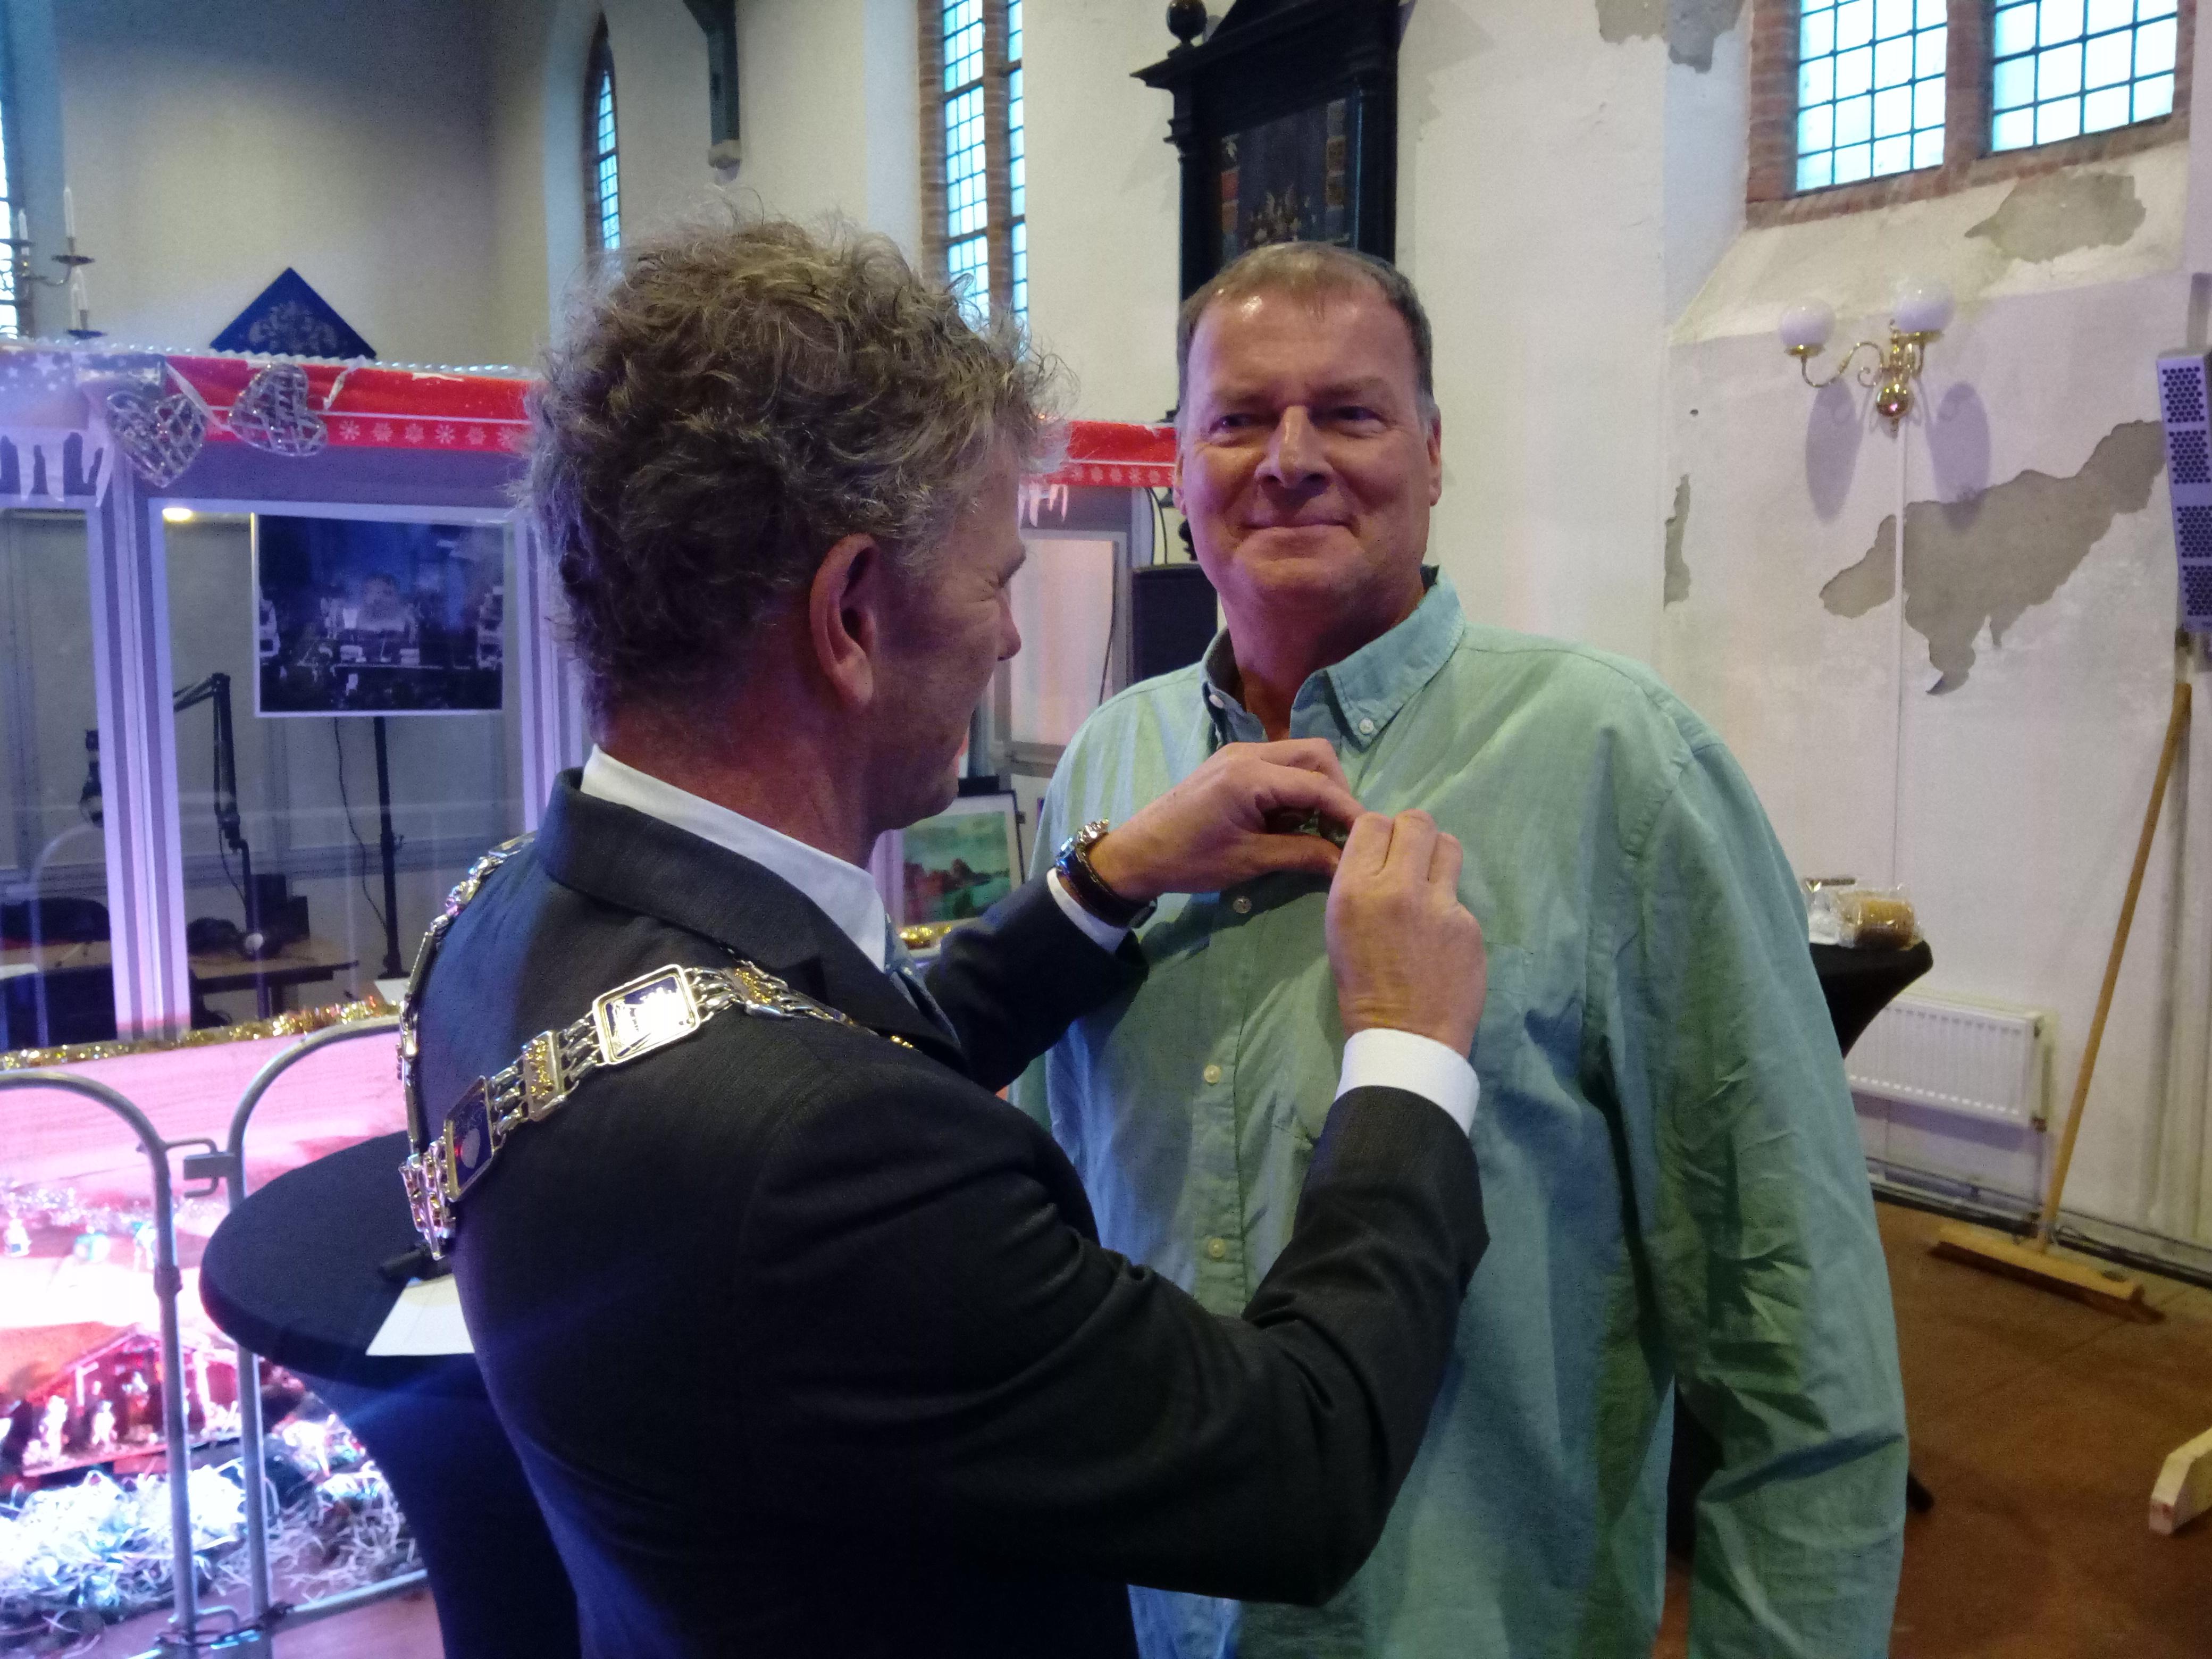 Burgemeester Martijn Smit reikte vorige week woensdagmiddag de Koninklijke onderscheiding aan Ab Jenema uit. (Foto: Bos Media Services)